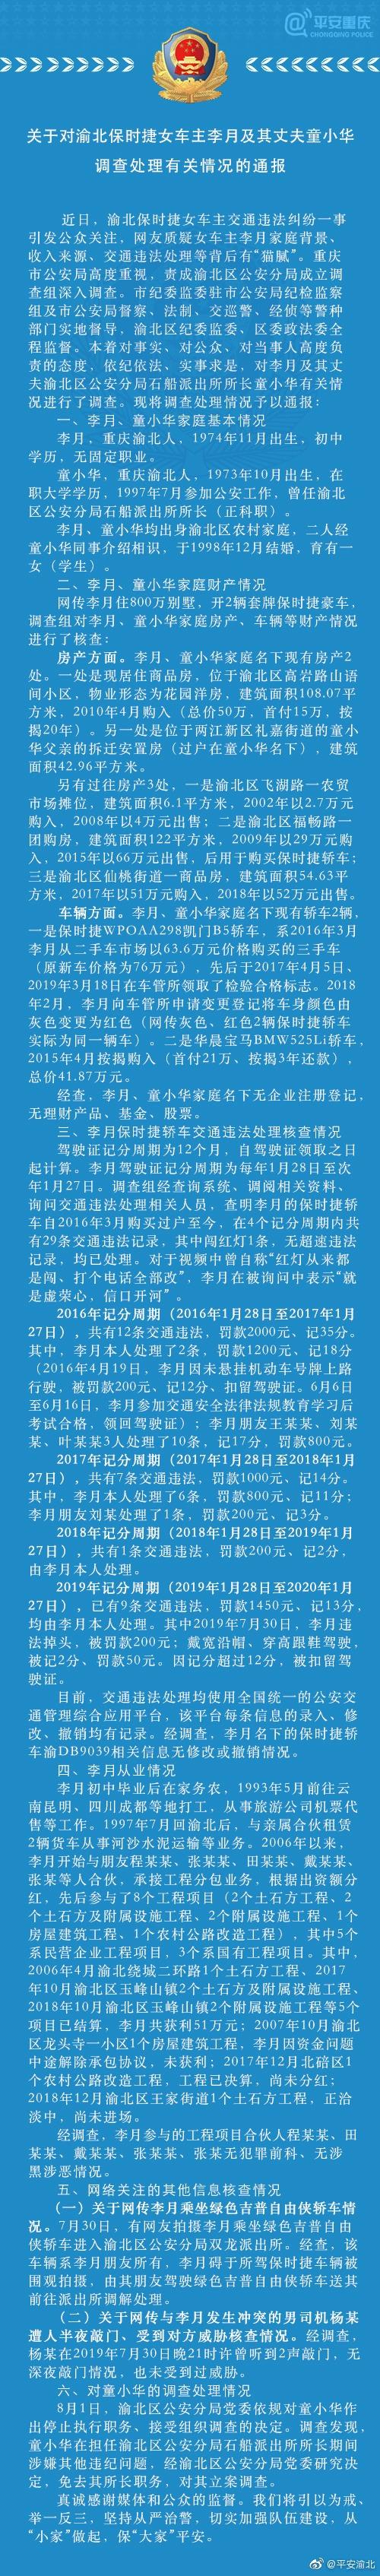 重庆保时捷女车主事件调查结果:所长丈夫涉嫌其他违纪 被立案调查